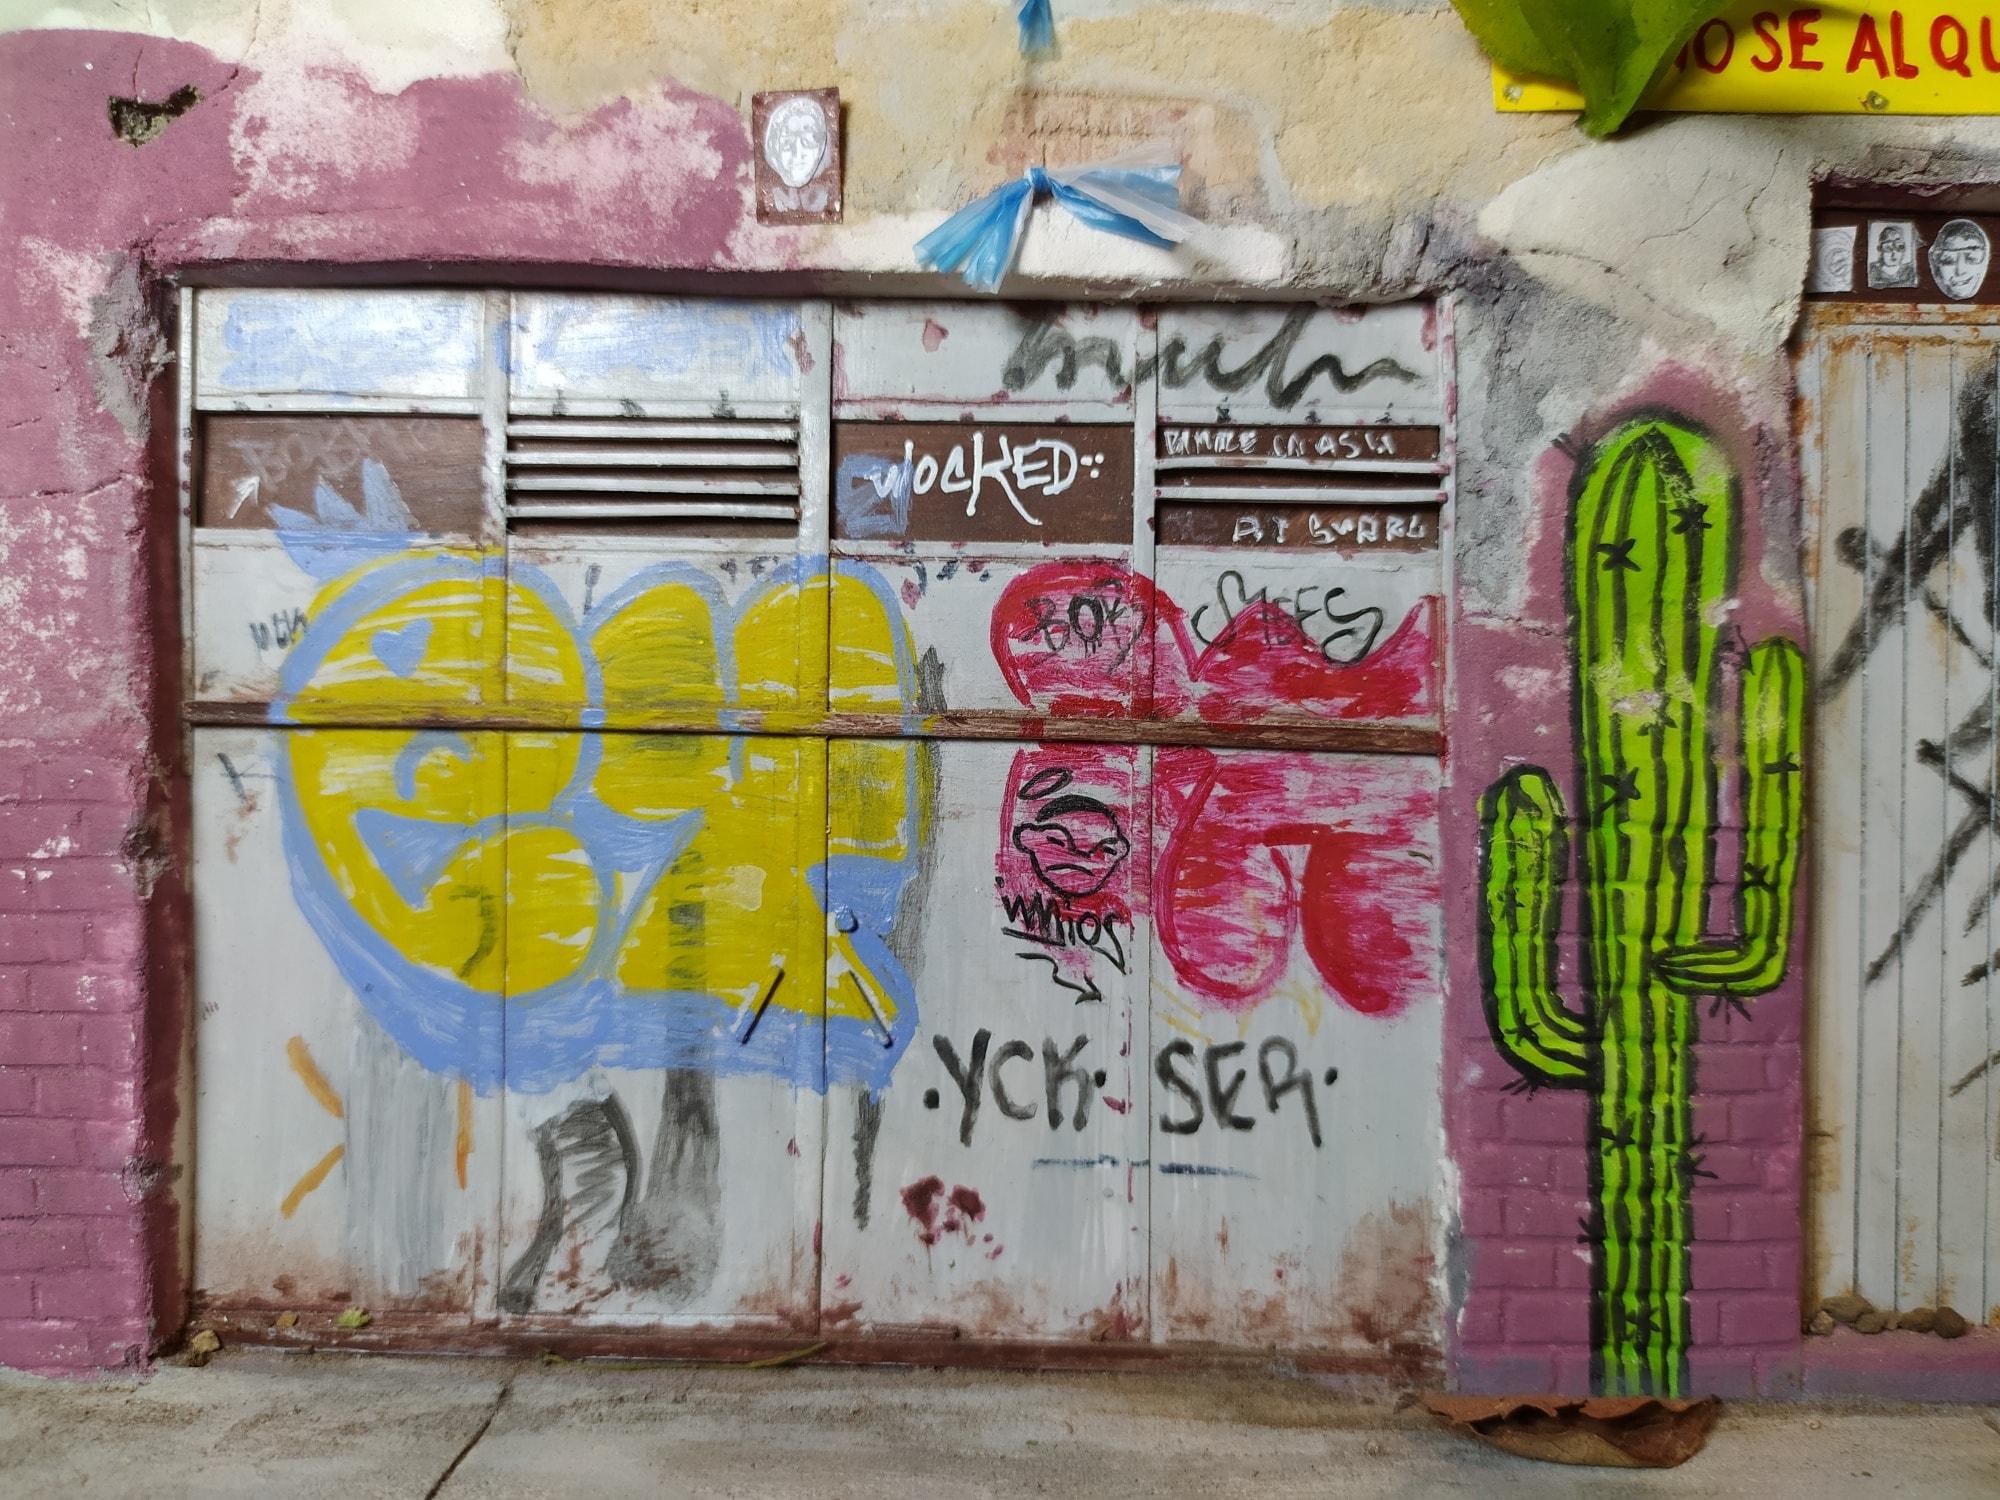 """Elisa Helguera """"Drash"""" se inspira en fincas venidas a menos, que forman parte de una identidad popular de los mexicanos"""